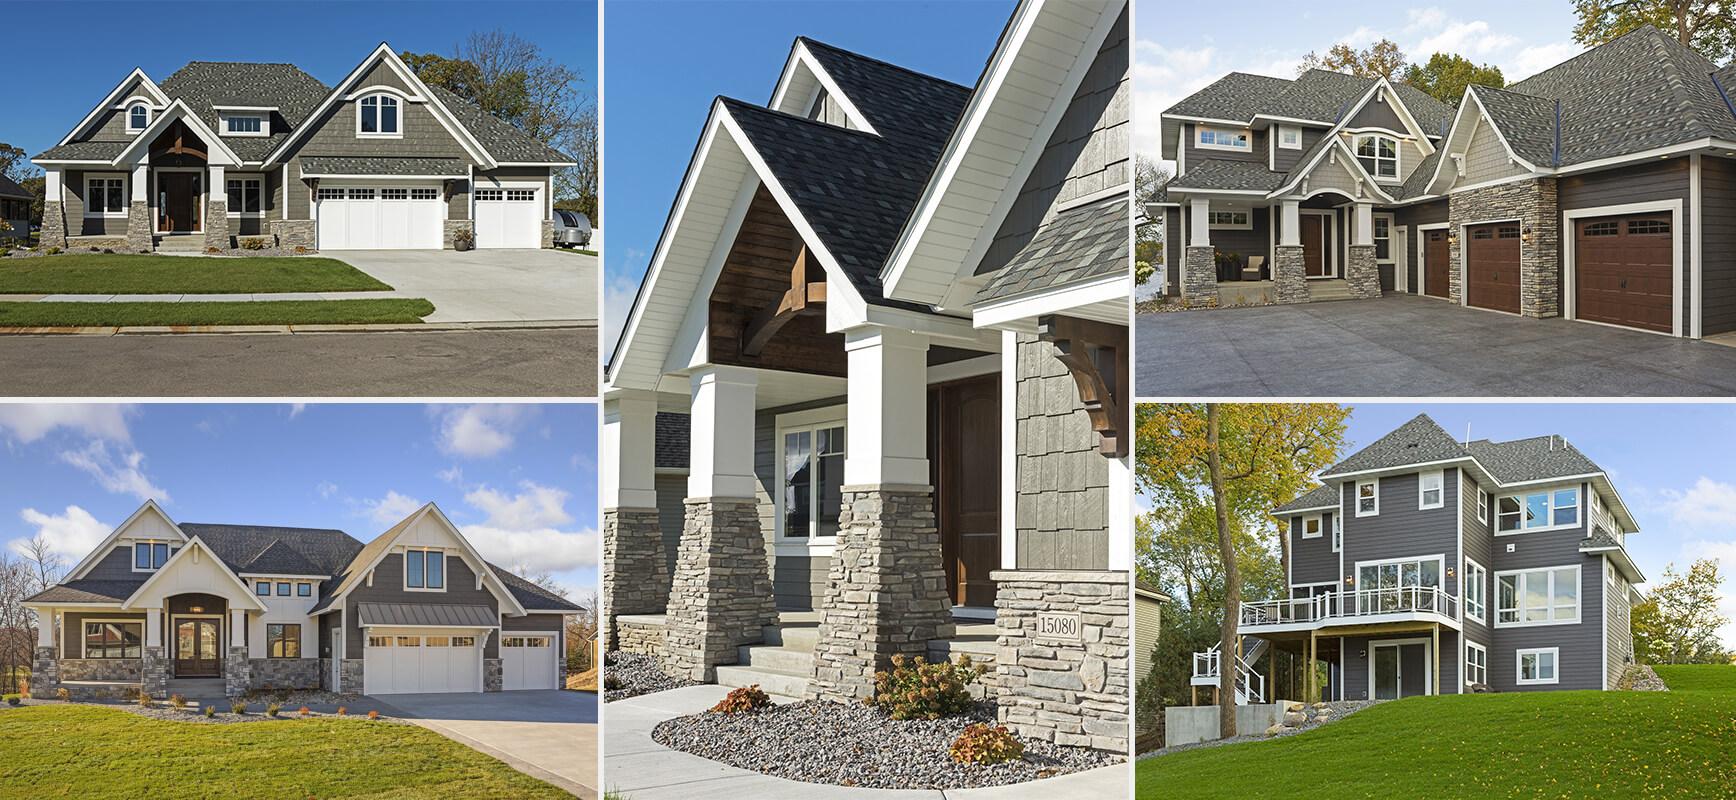 Pebble creek custom homes for C m custom homes